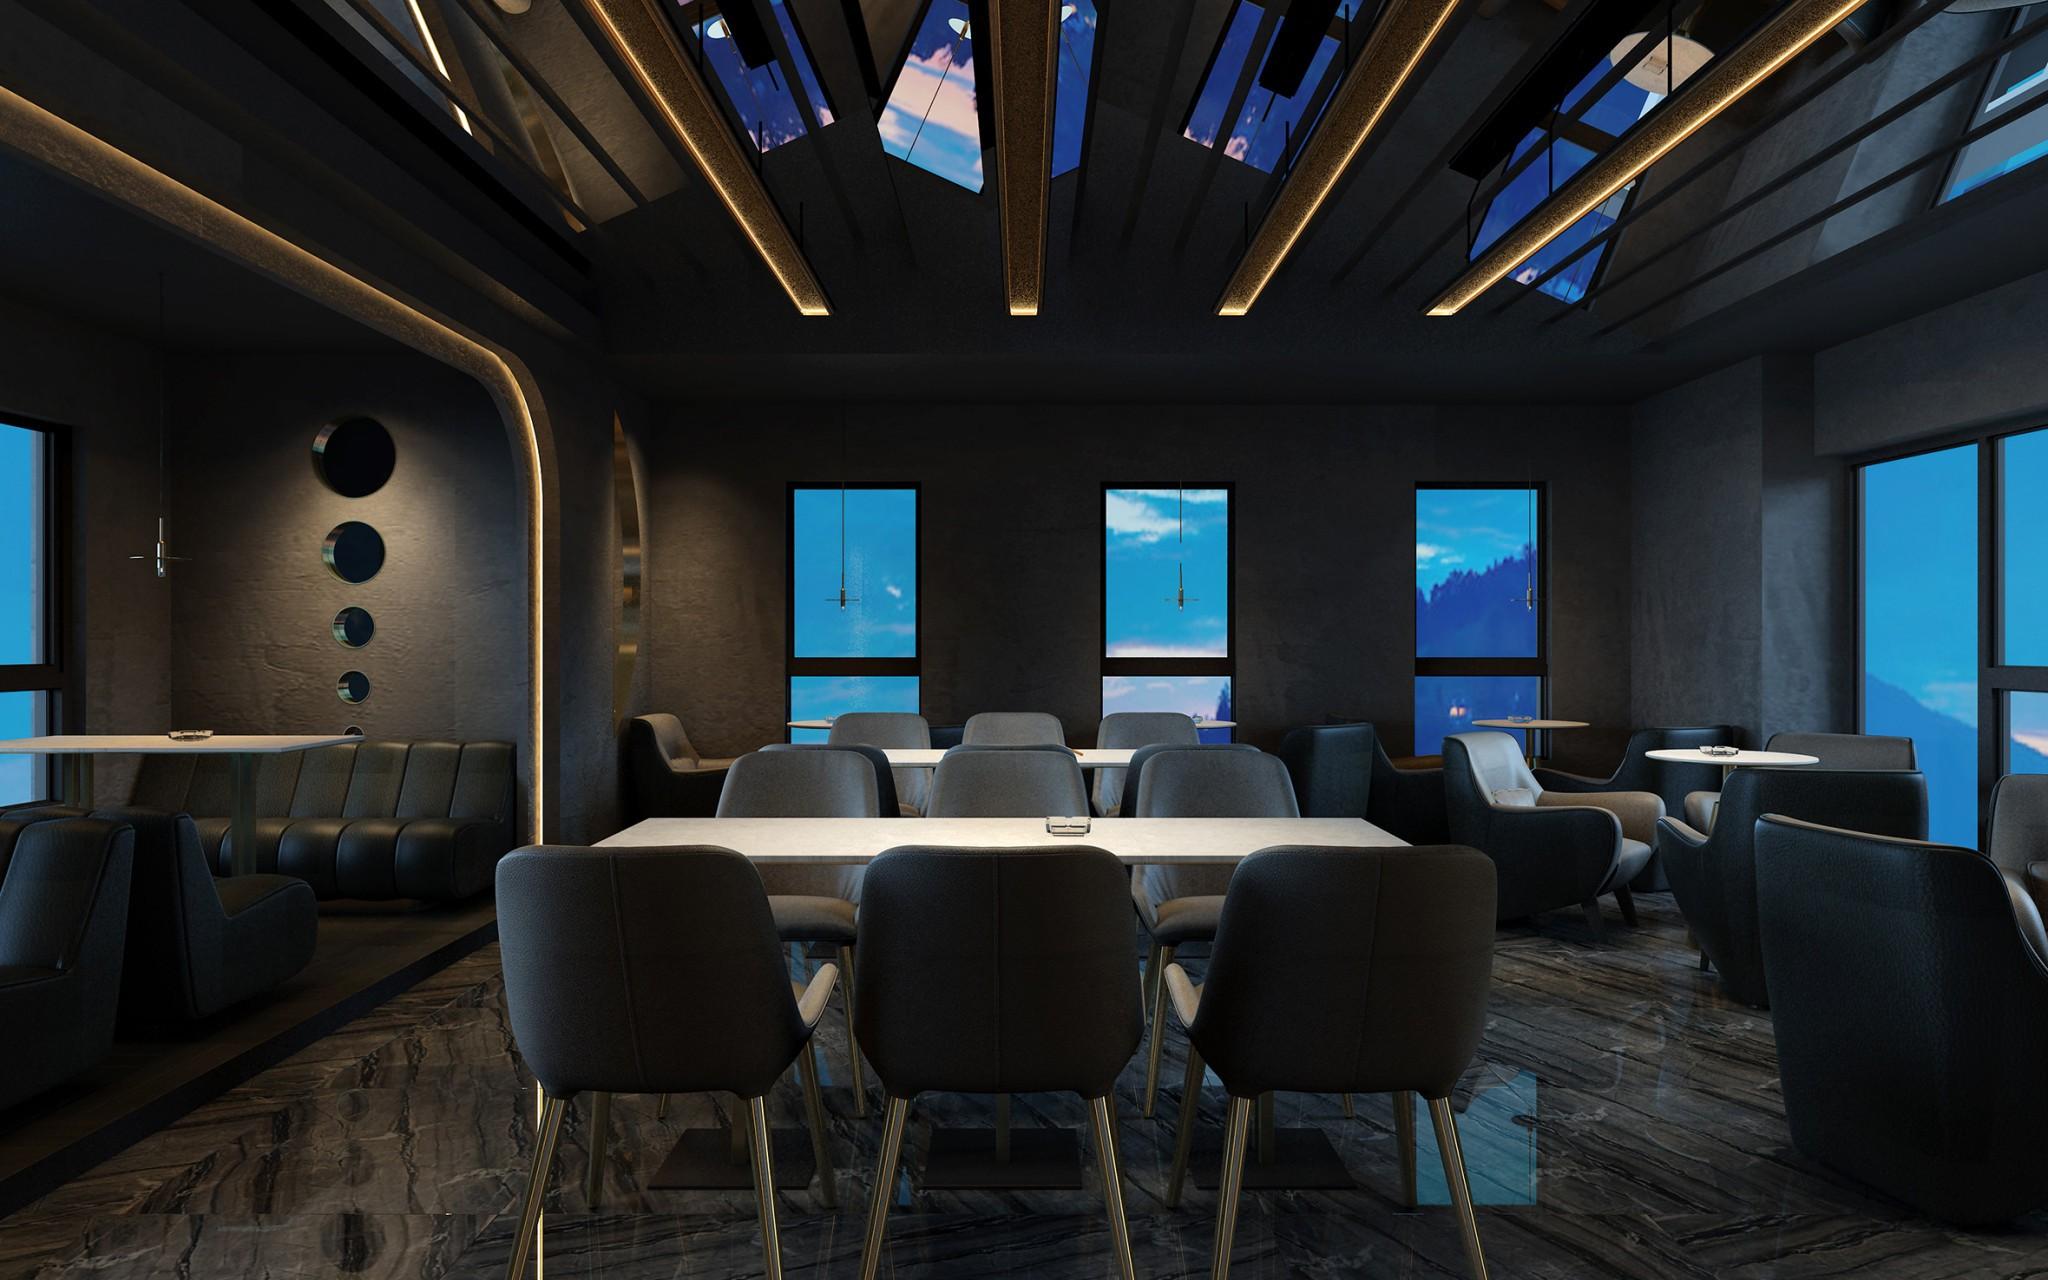 酒吧商业空间设计-INS19967feb317ad1e0cbd5824fce14ceb0b902